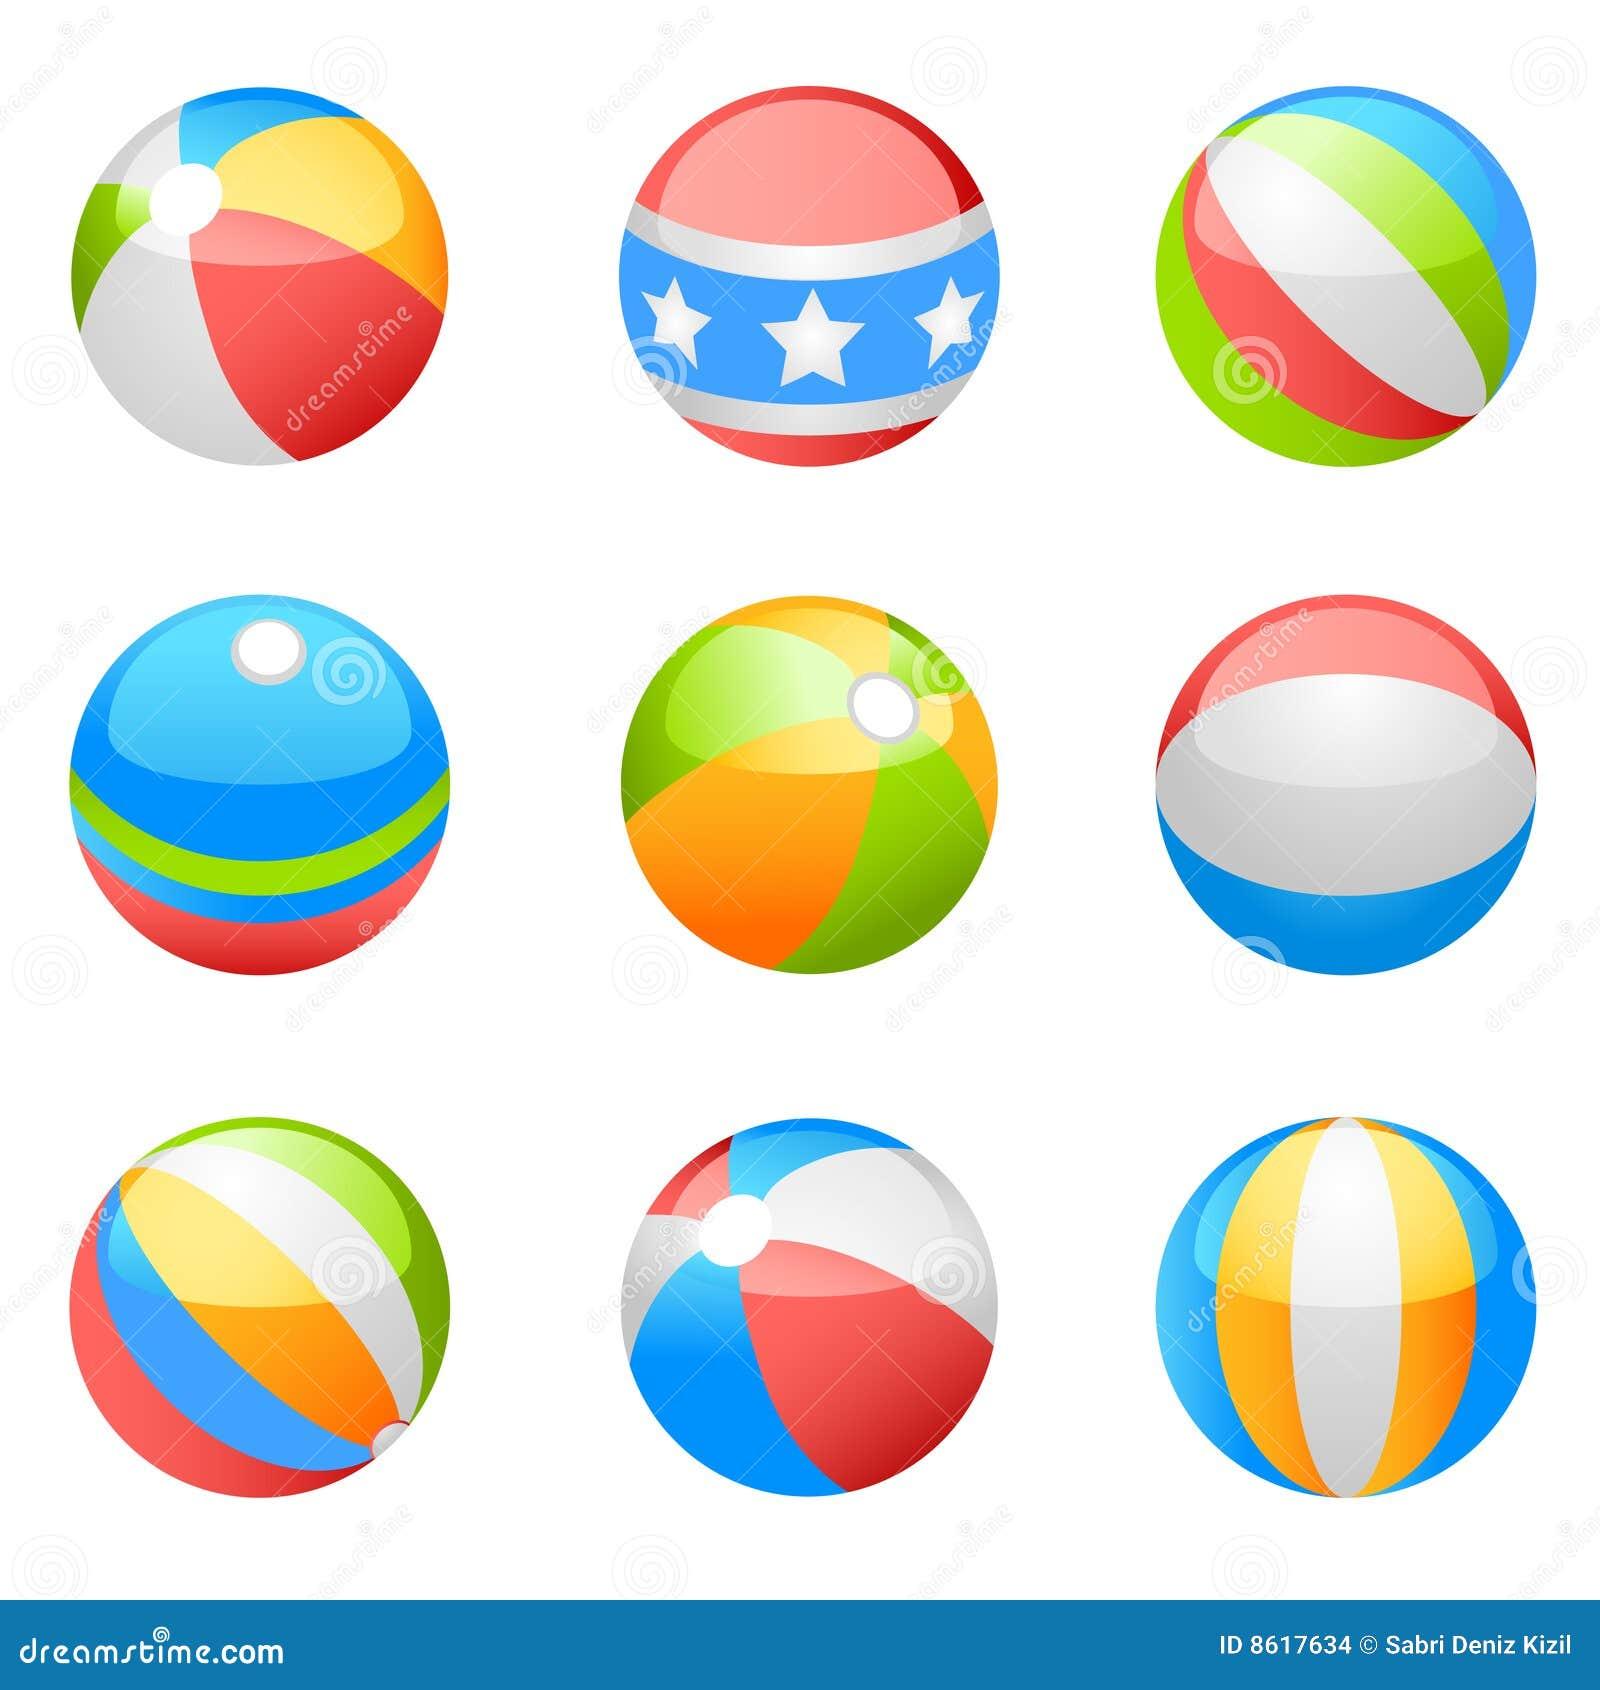 play game pool 8 ball